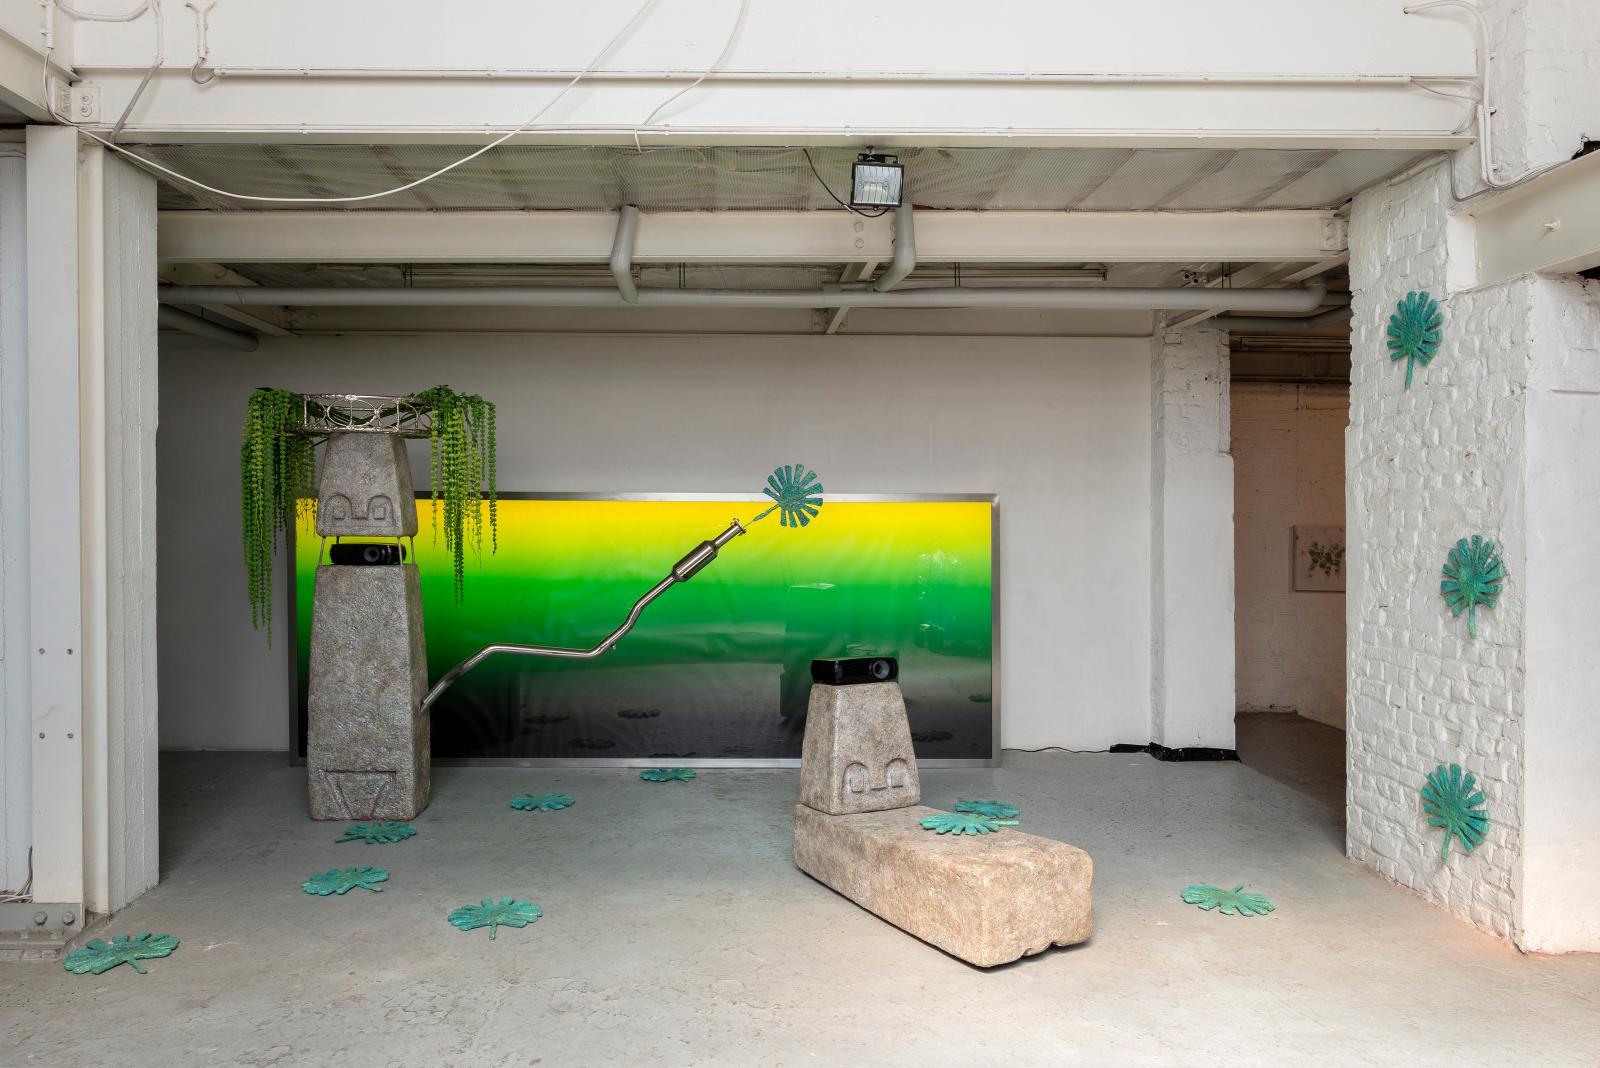 Guan Xiao, Air Freshener, Spray (2017).Photo Hugard & Vanoverschelde. Courtesy Collection Famille Servais